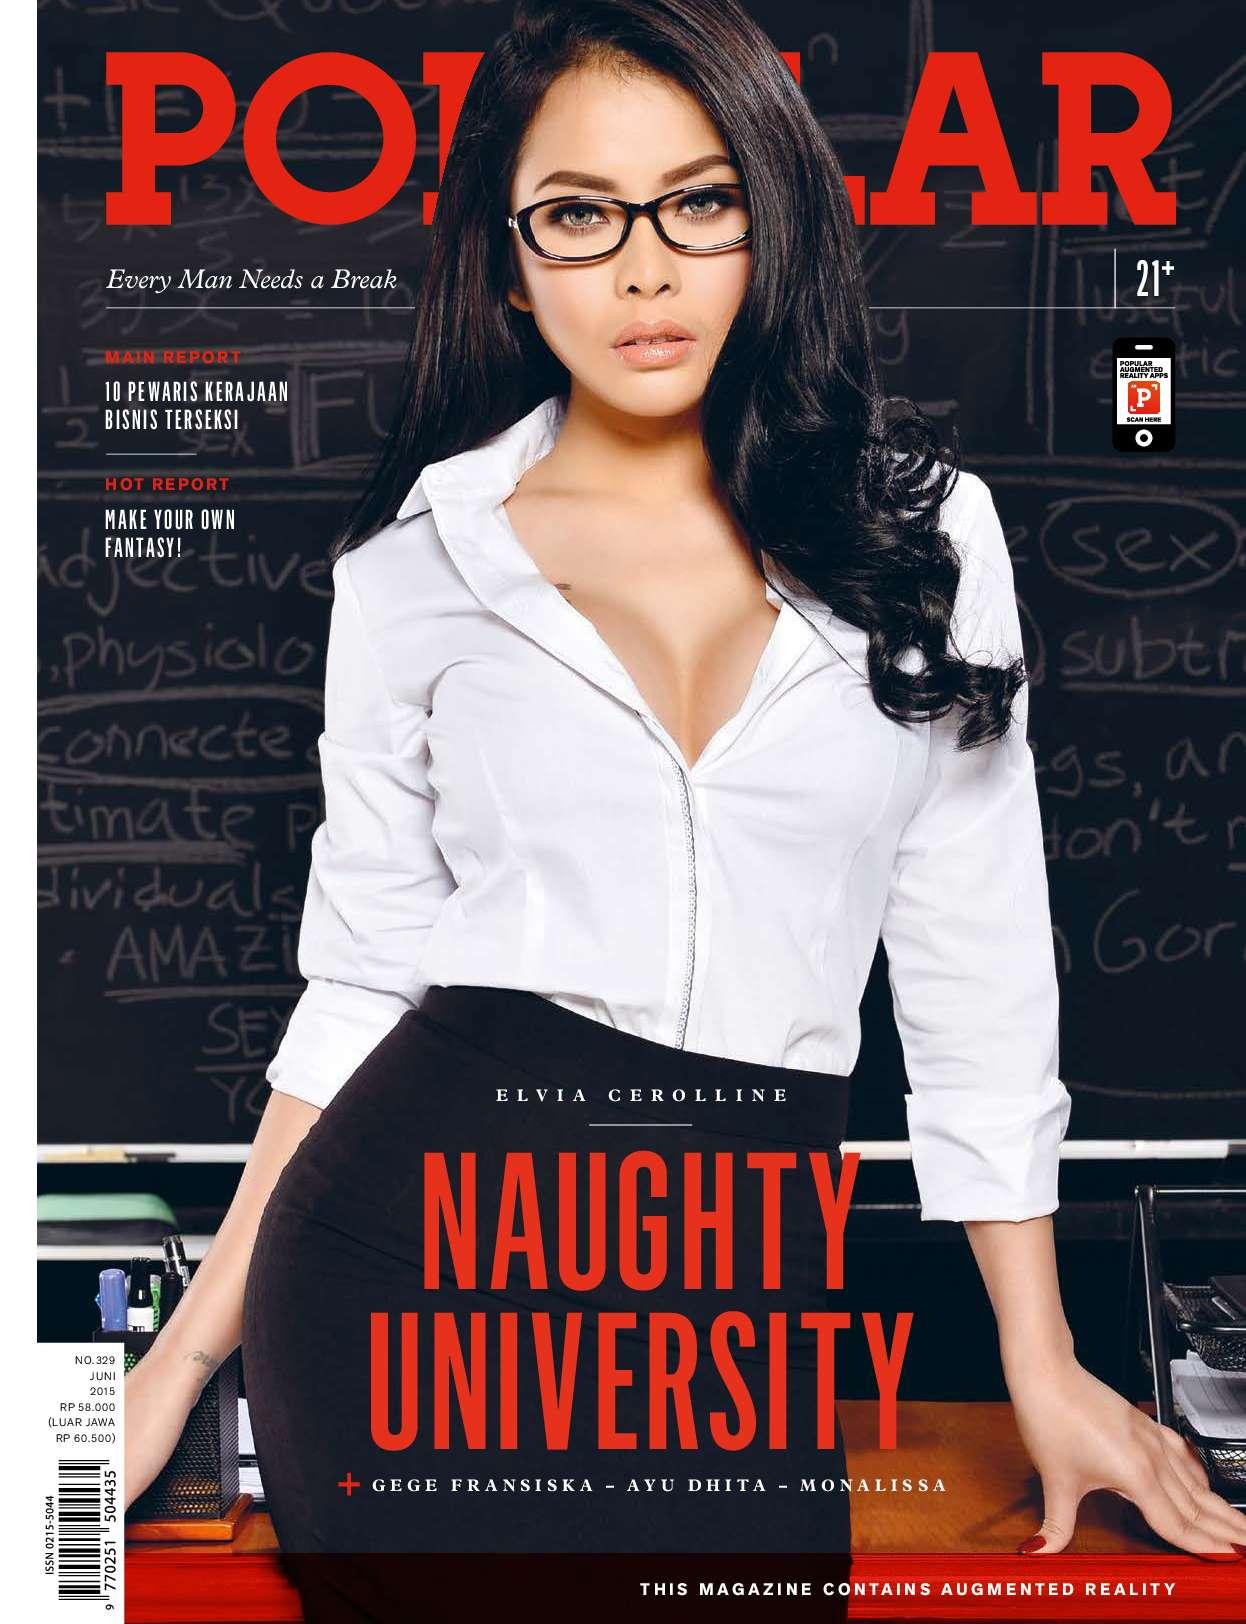 POPULAR Magazine June 2015